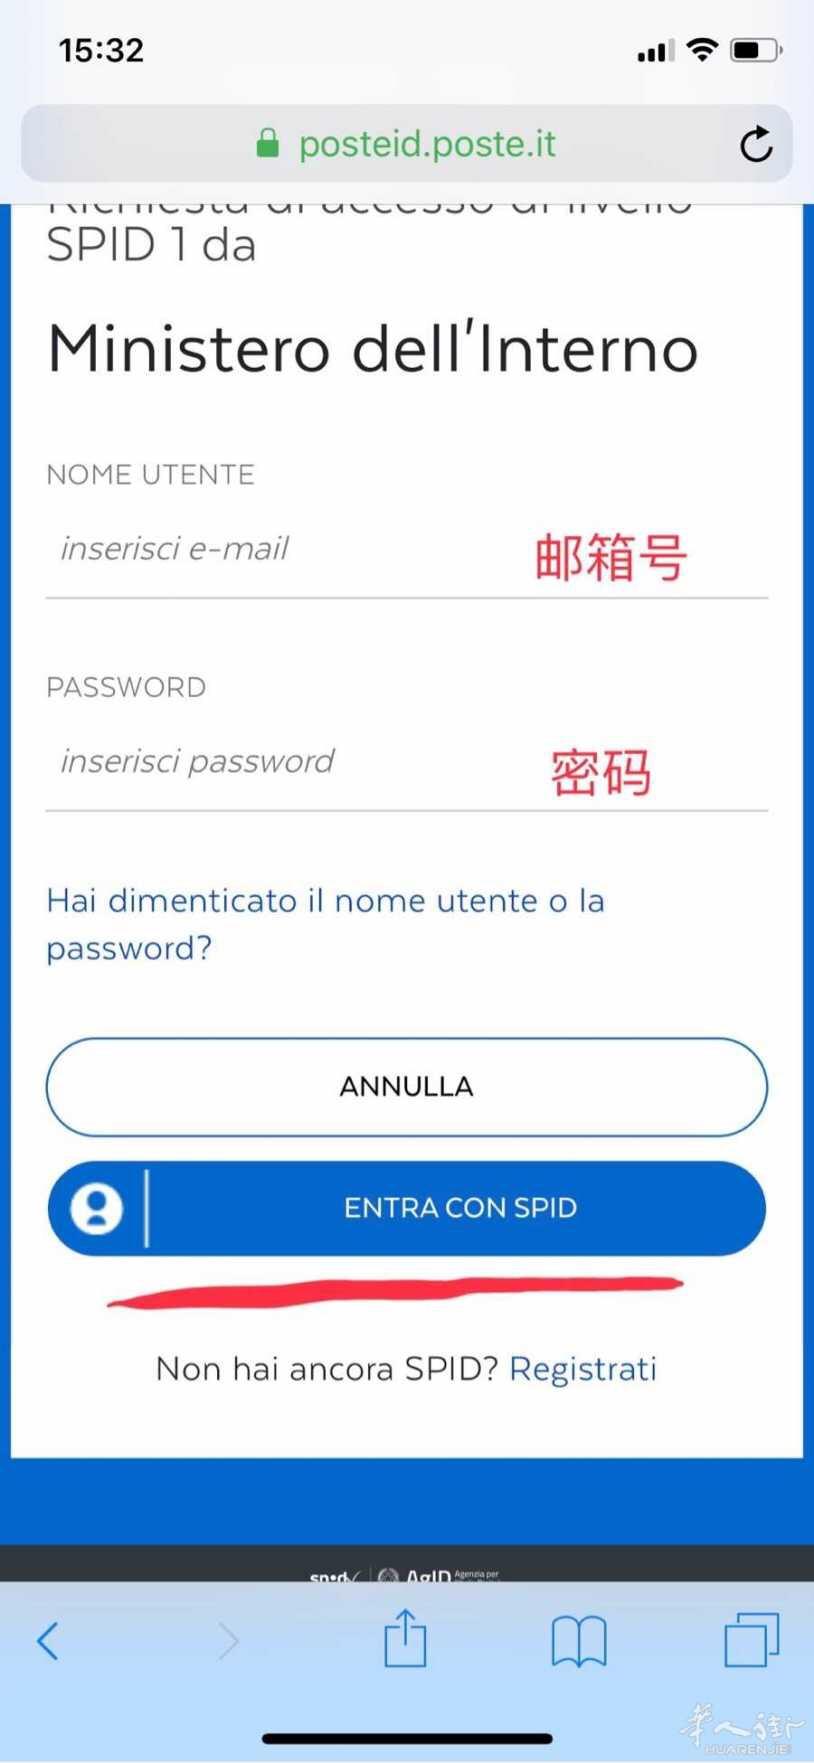 教你如何用邮局SPID在线预约意大利语A2考试 生活百科 第4张